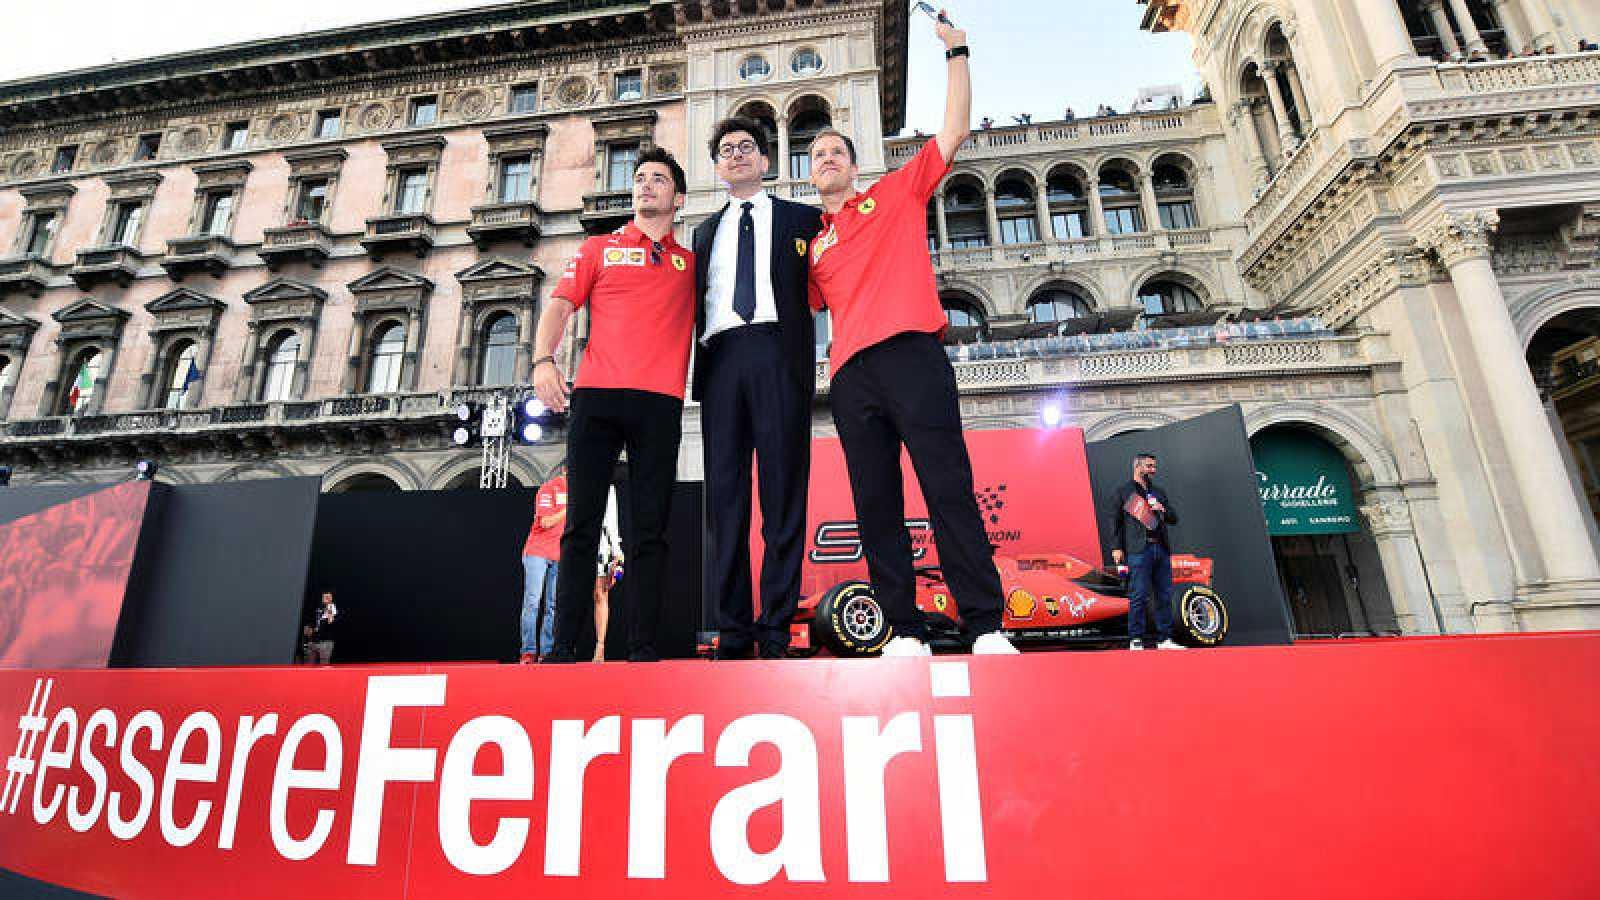 Charles Leclerc y Sebastian Vettel, junto al director de Ferrari, Mattia Binotto, saludan a los 'tiffossi' en la plaza del Duomo de Milán.